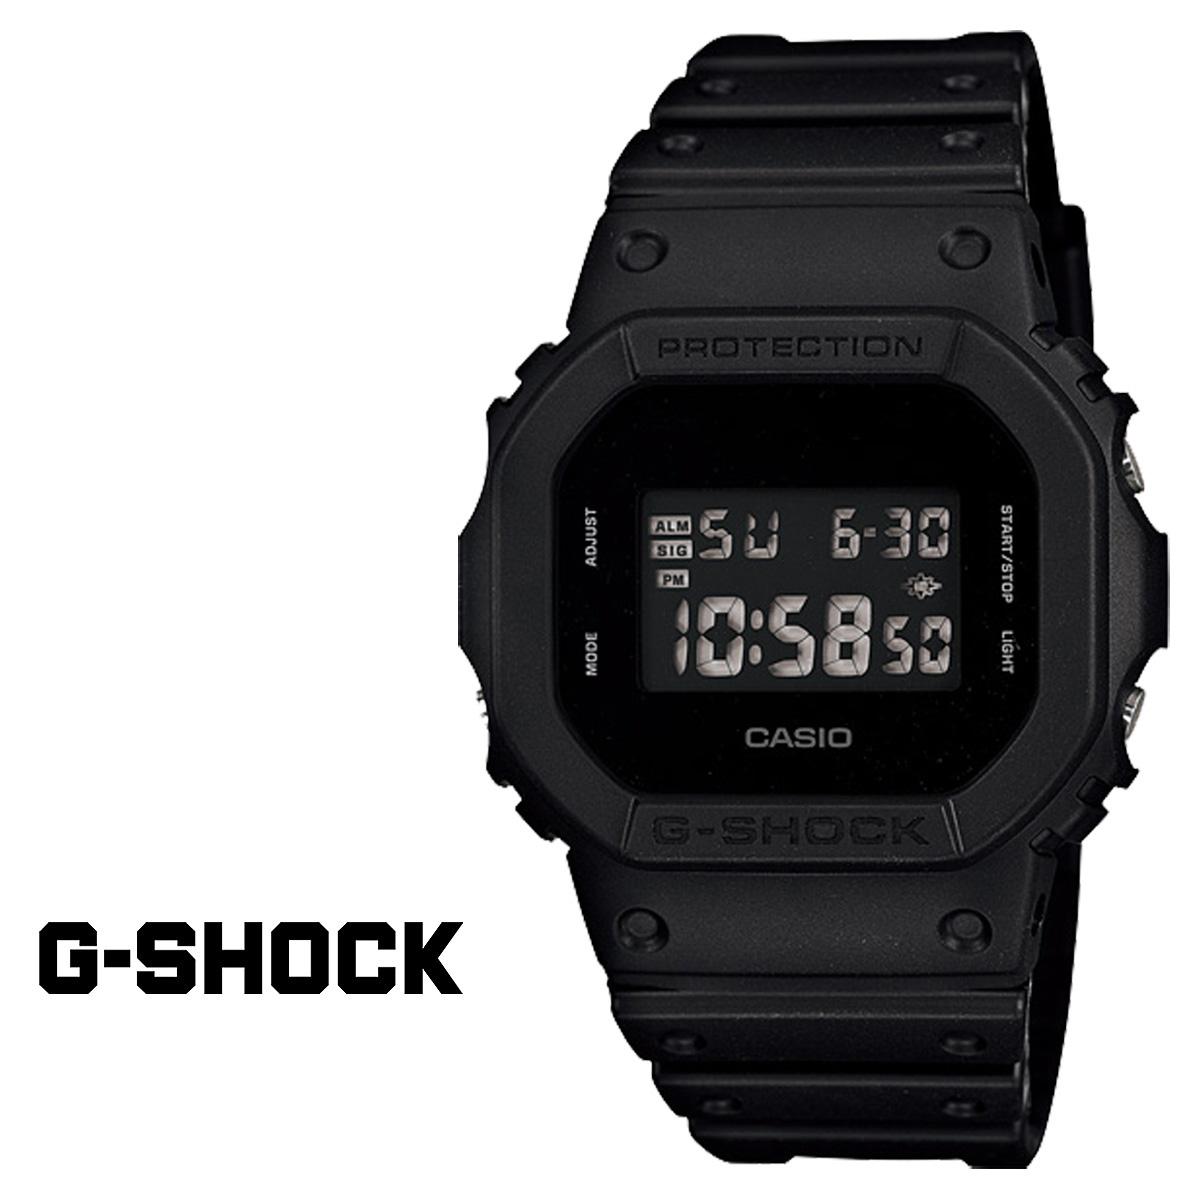 要點兩倍卡西歐CASIO G-SHOCK手表[男子女子黑色] SOLID COLORS鐘表男女兩用DW-5600BB-1JF [5/29再入貨物][正規的] 02P01Jun14]